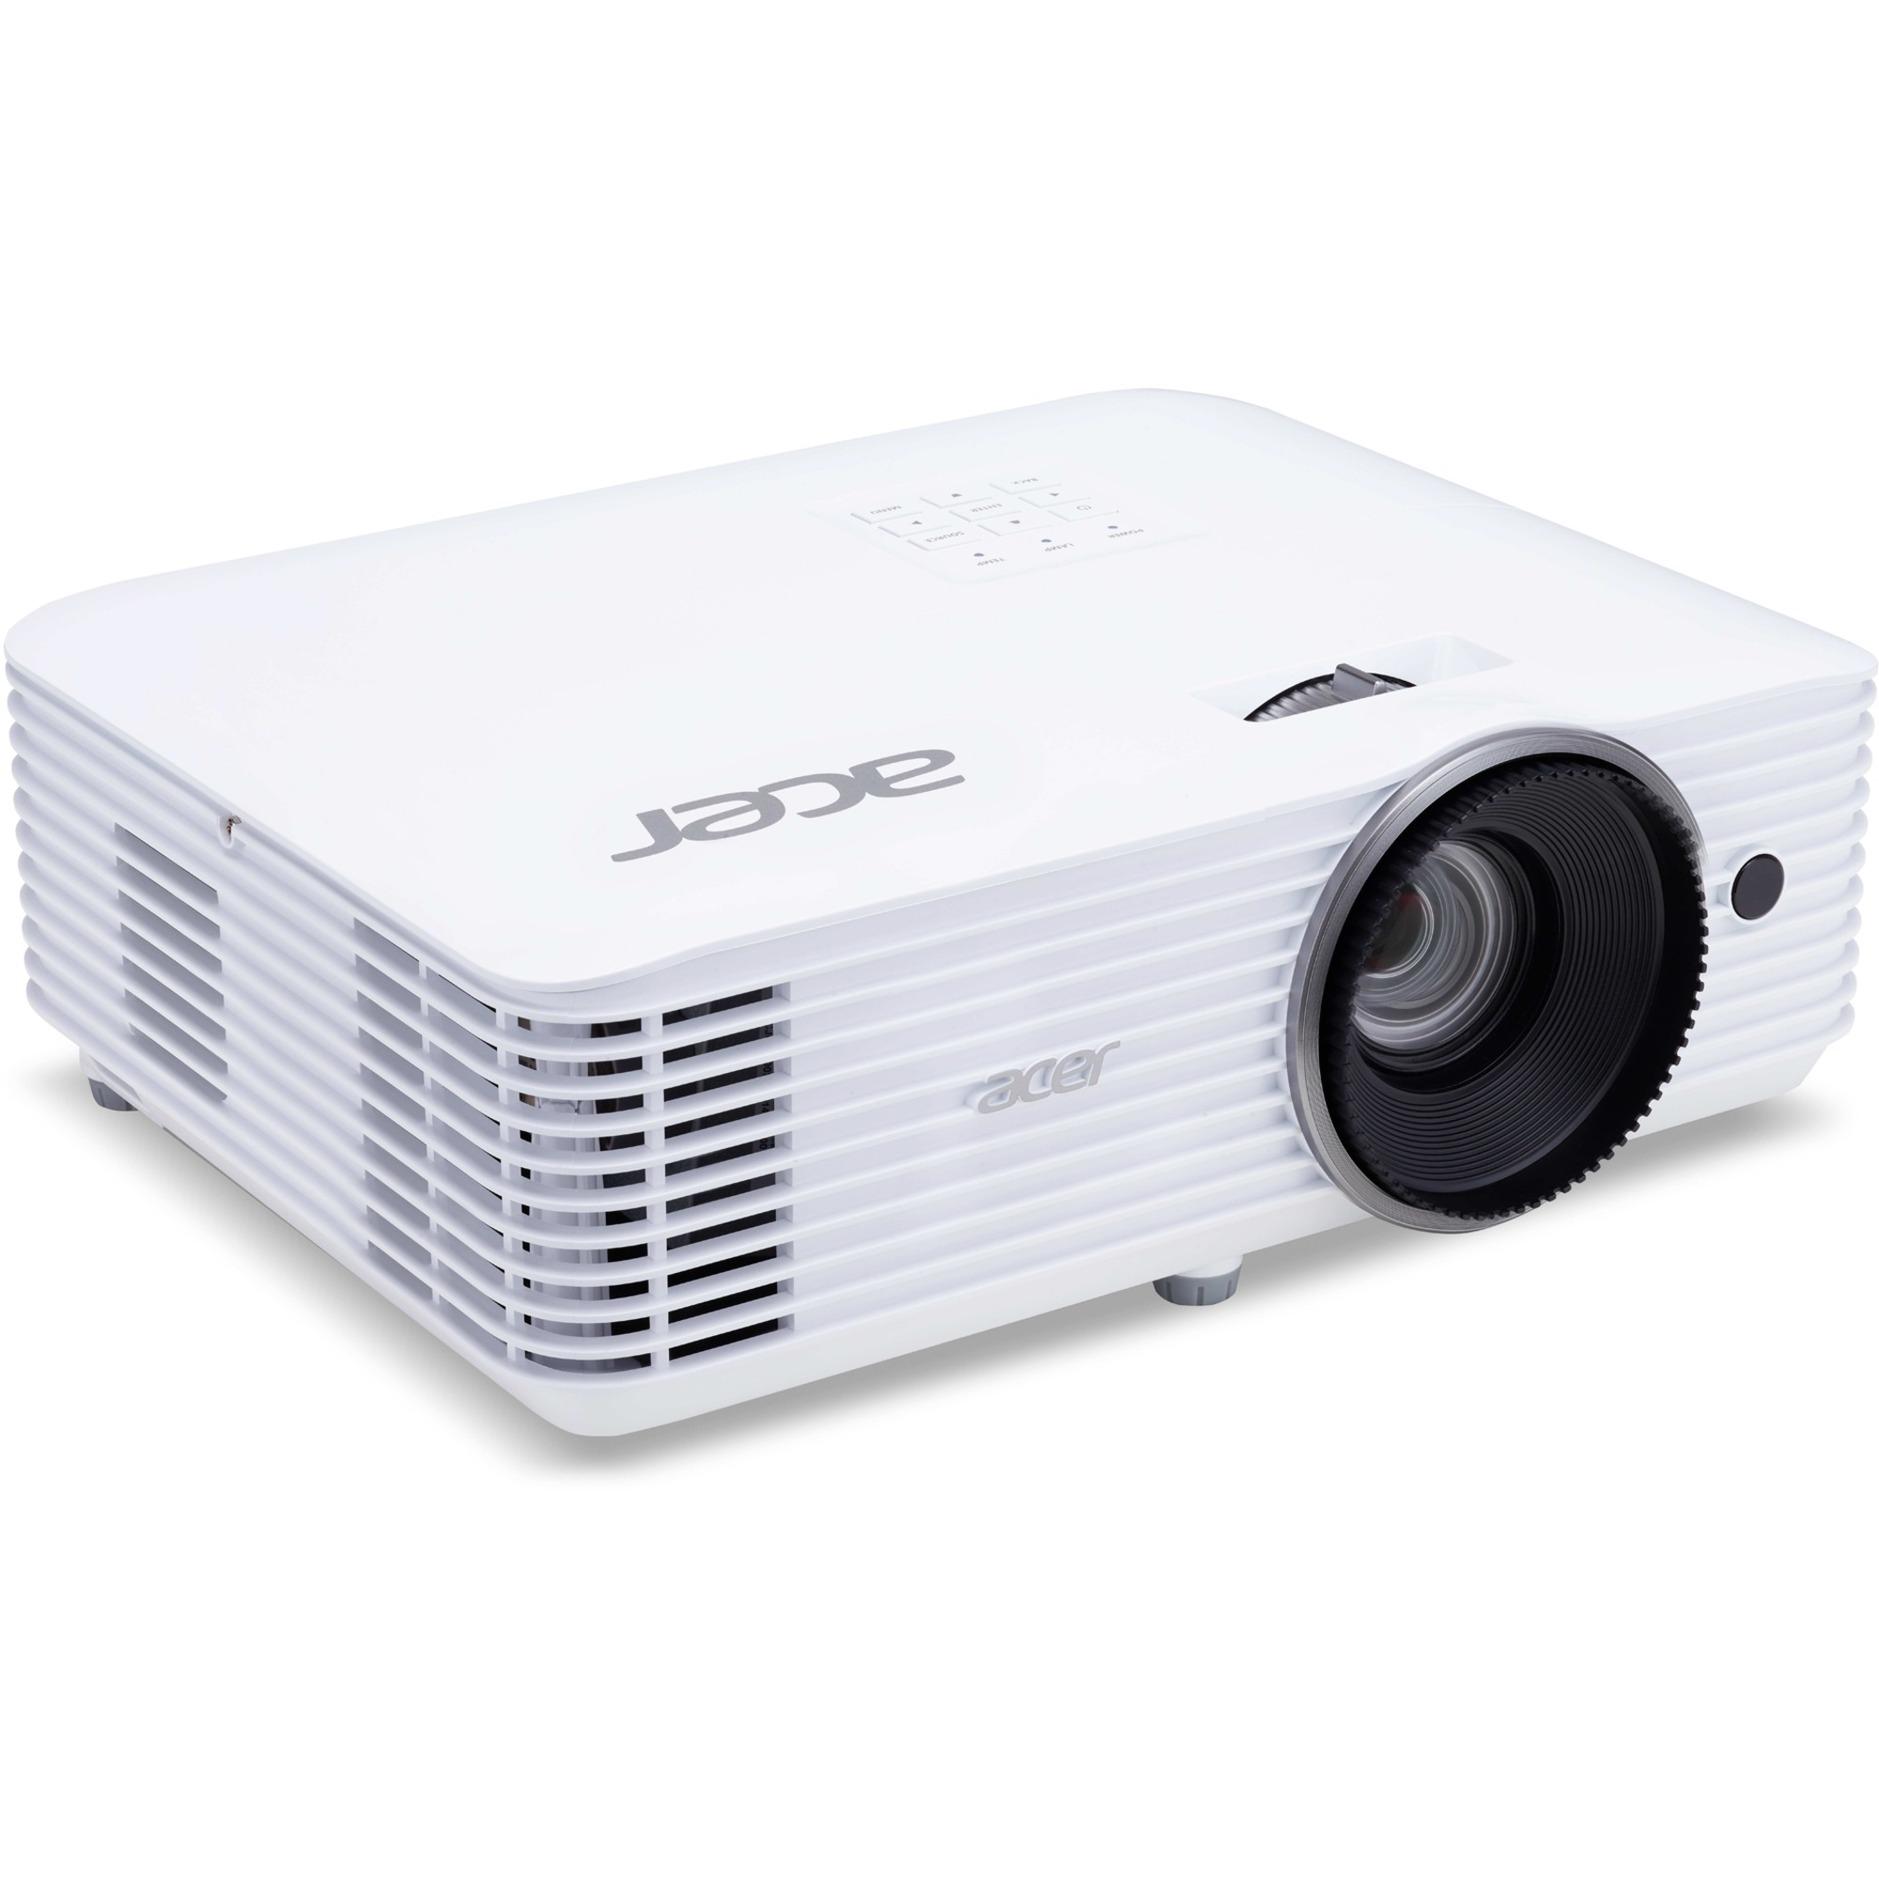 Home MR.JQ011.001 Ceiling-mounted projector 3500ANSI lumens DLP 1080p (1920x1080) Blanc vidéo-projecteur, Projecteur DLP